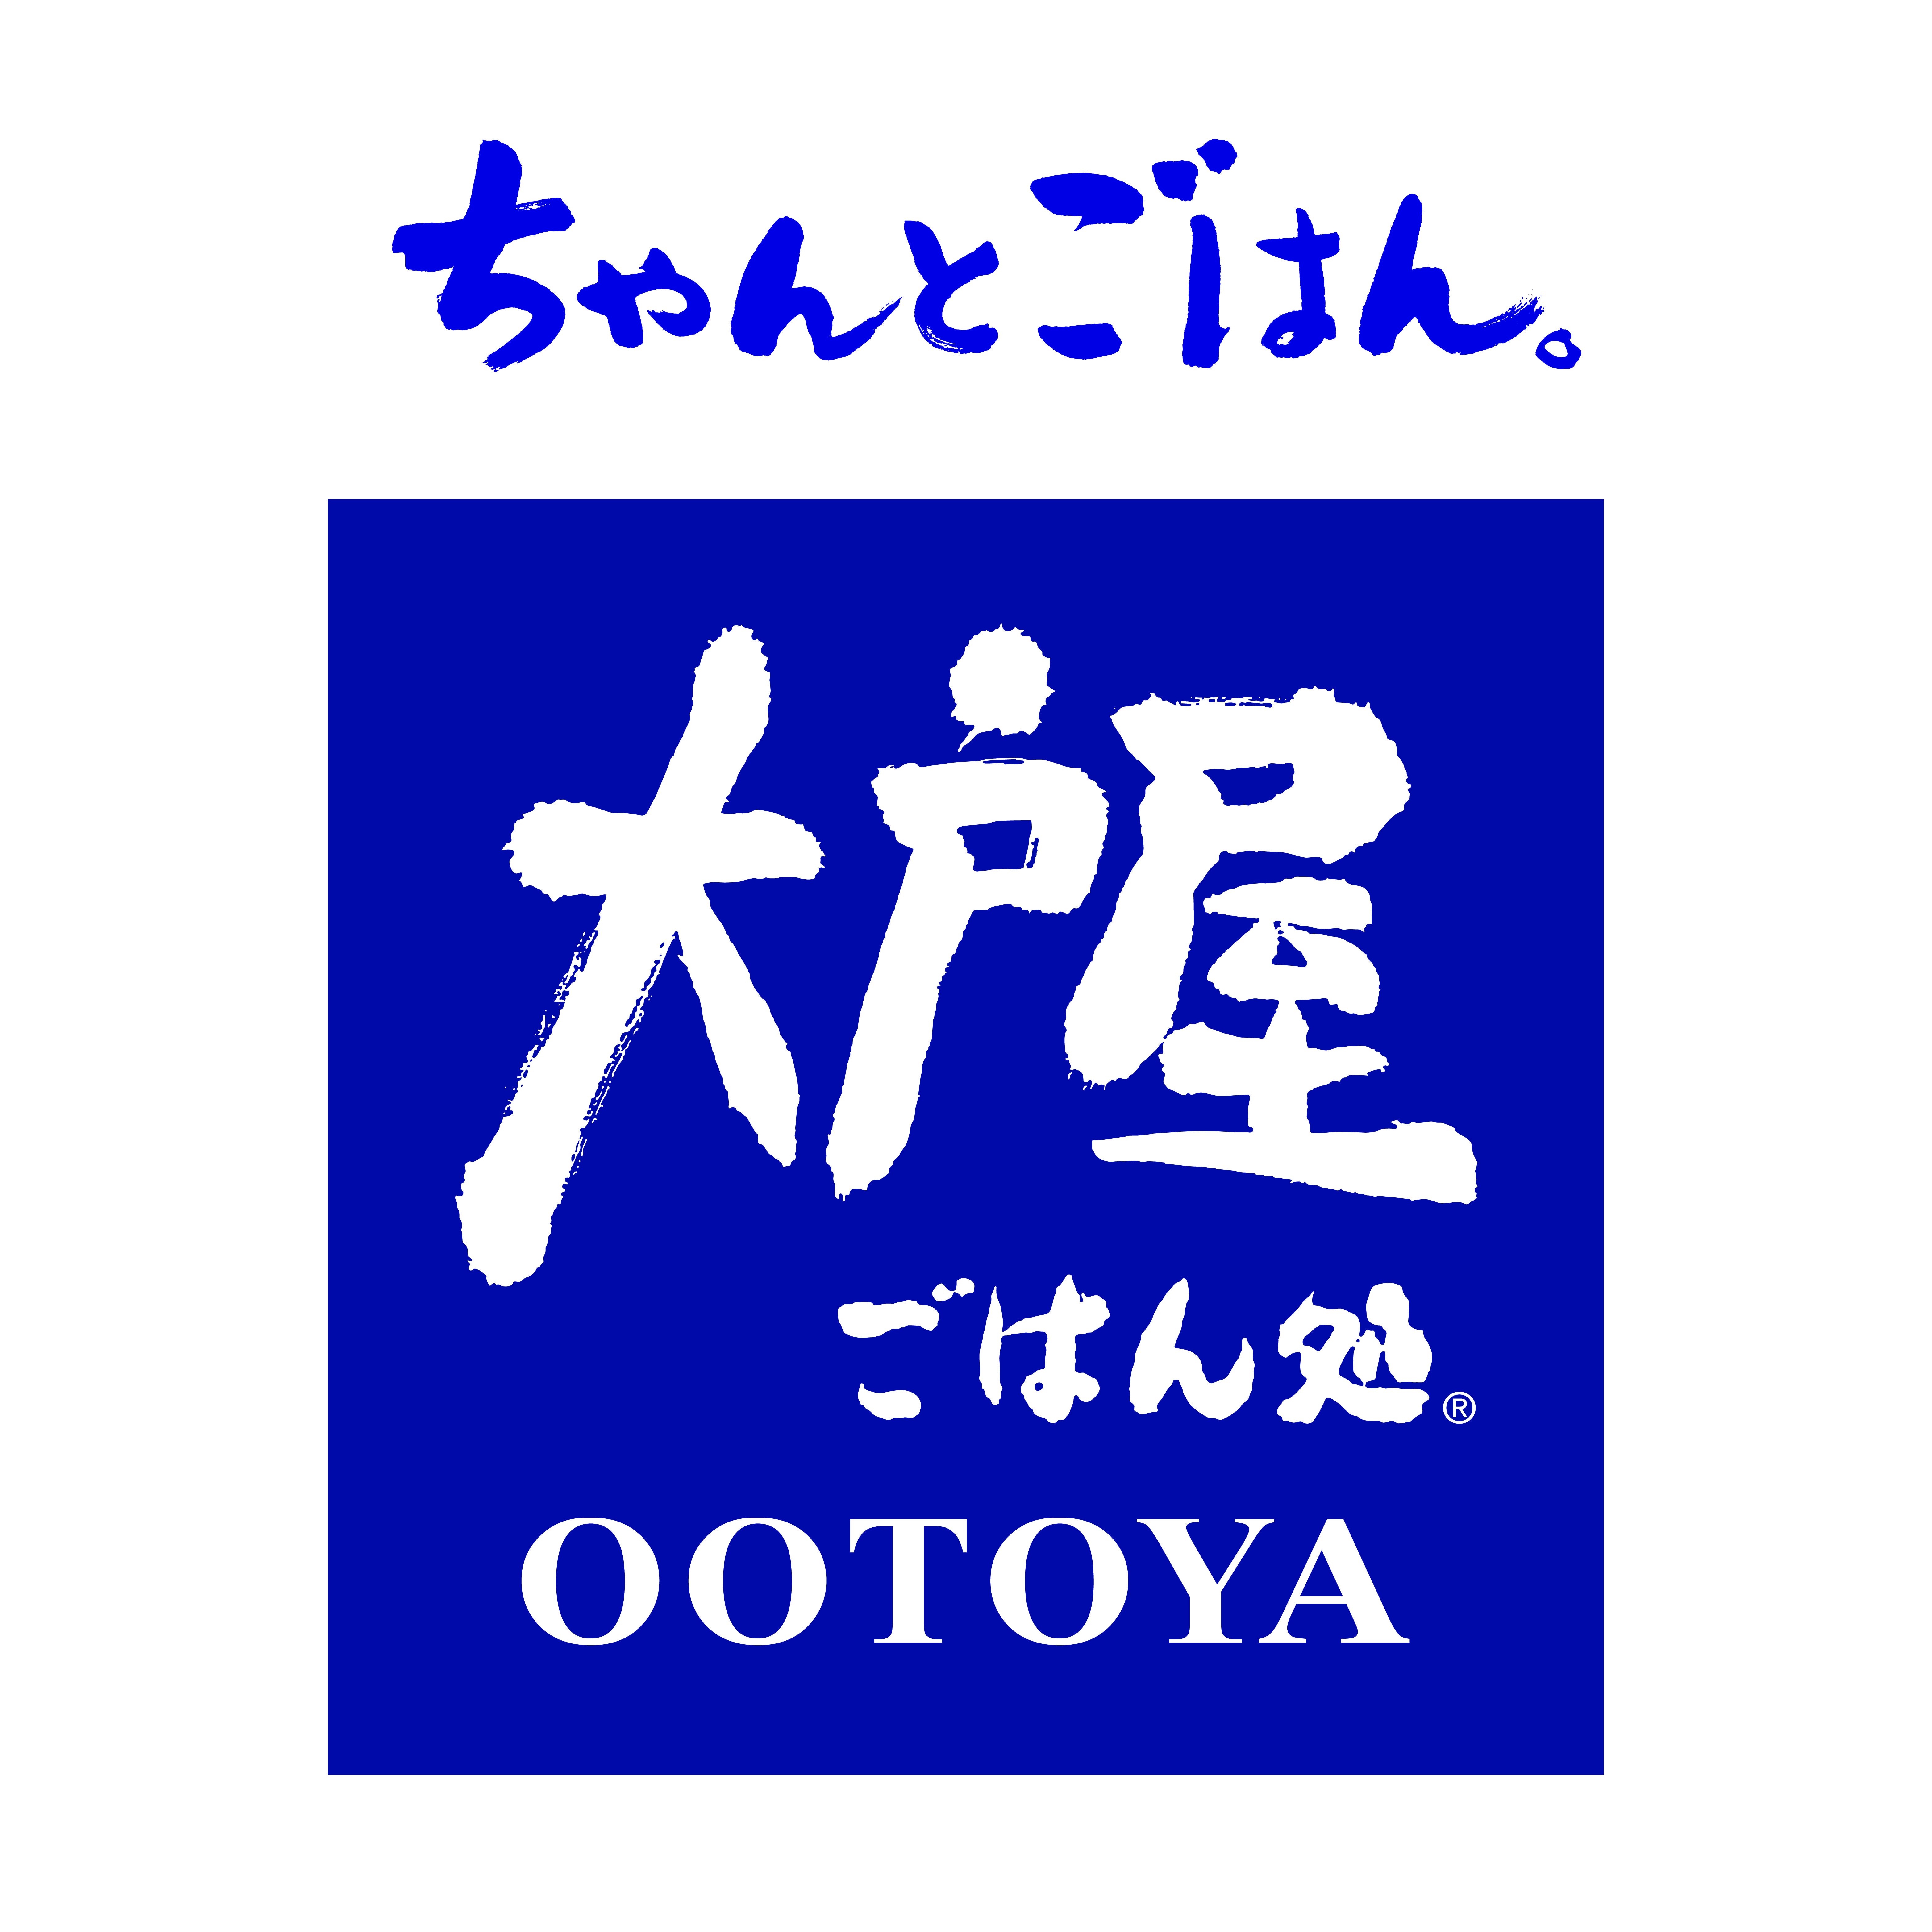 東京・神奈川・埼玉エリアで展開する「大戸屋」で、新メンバー大募集!